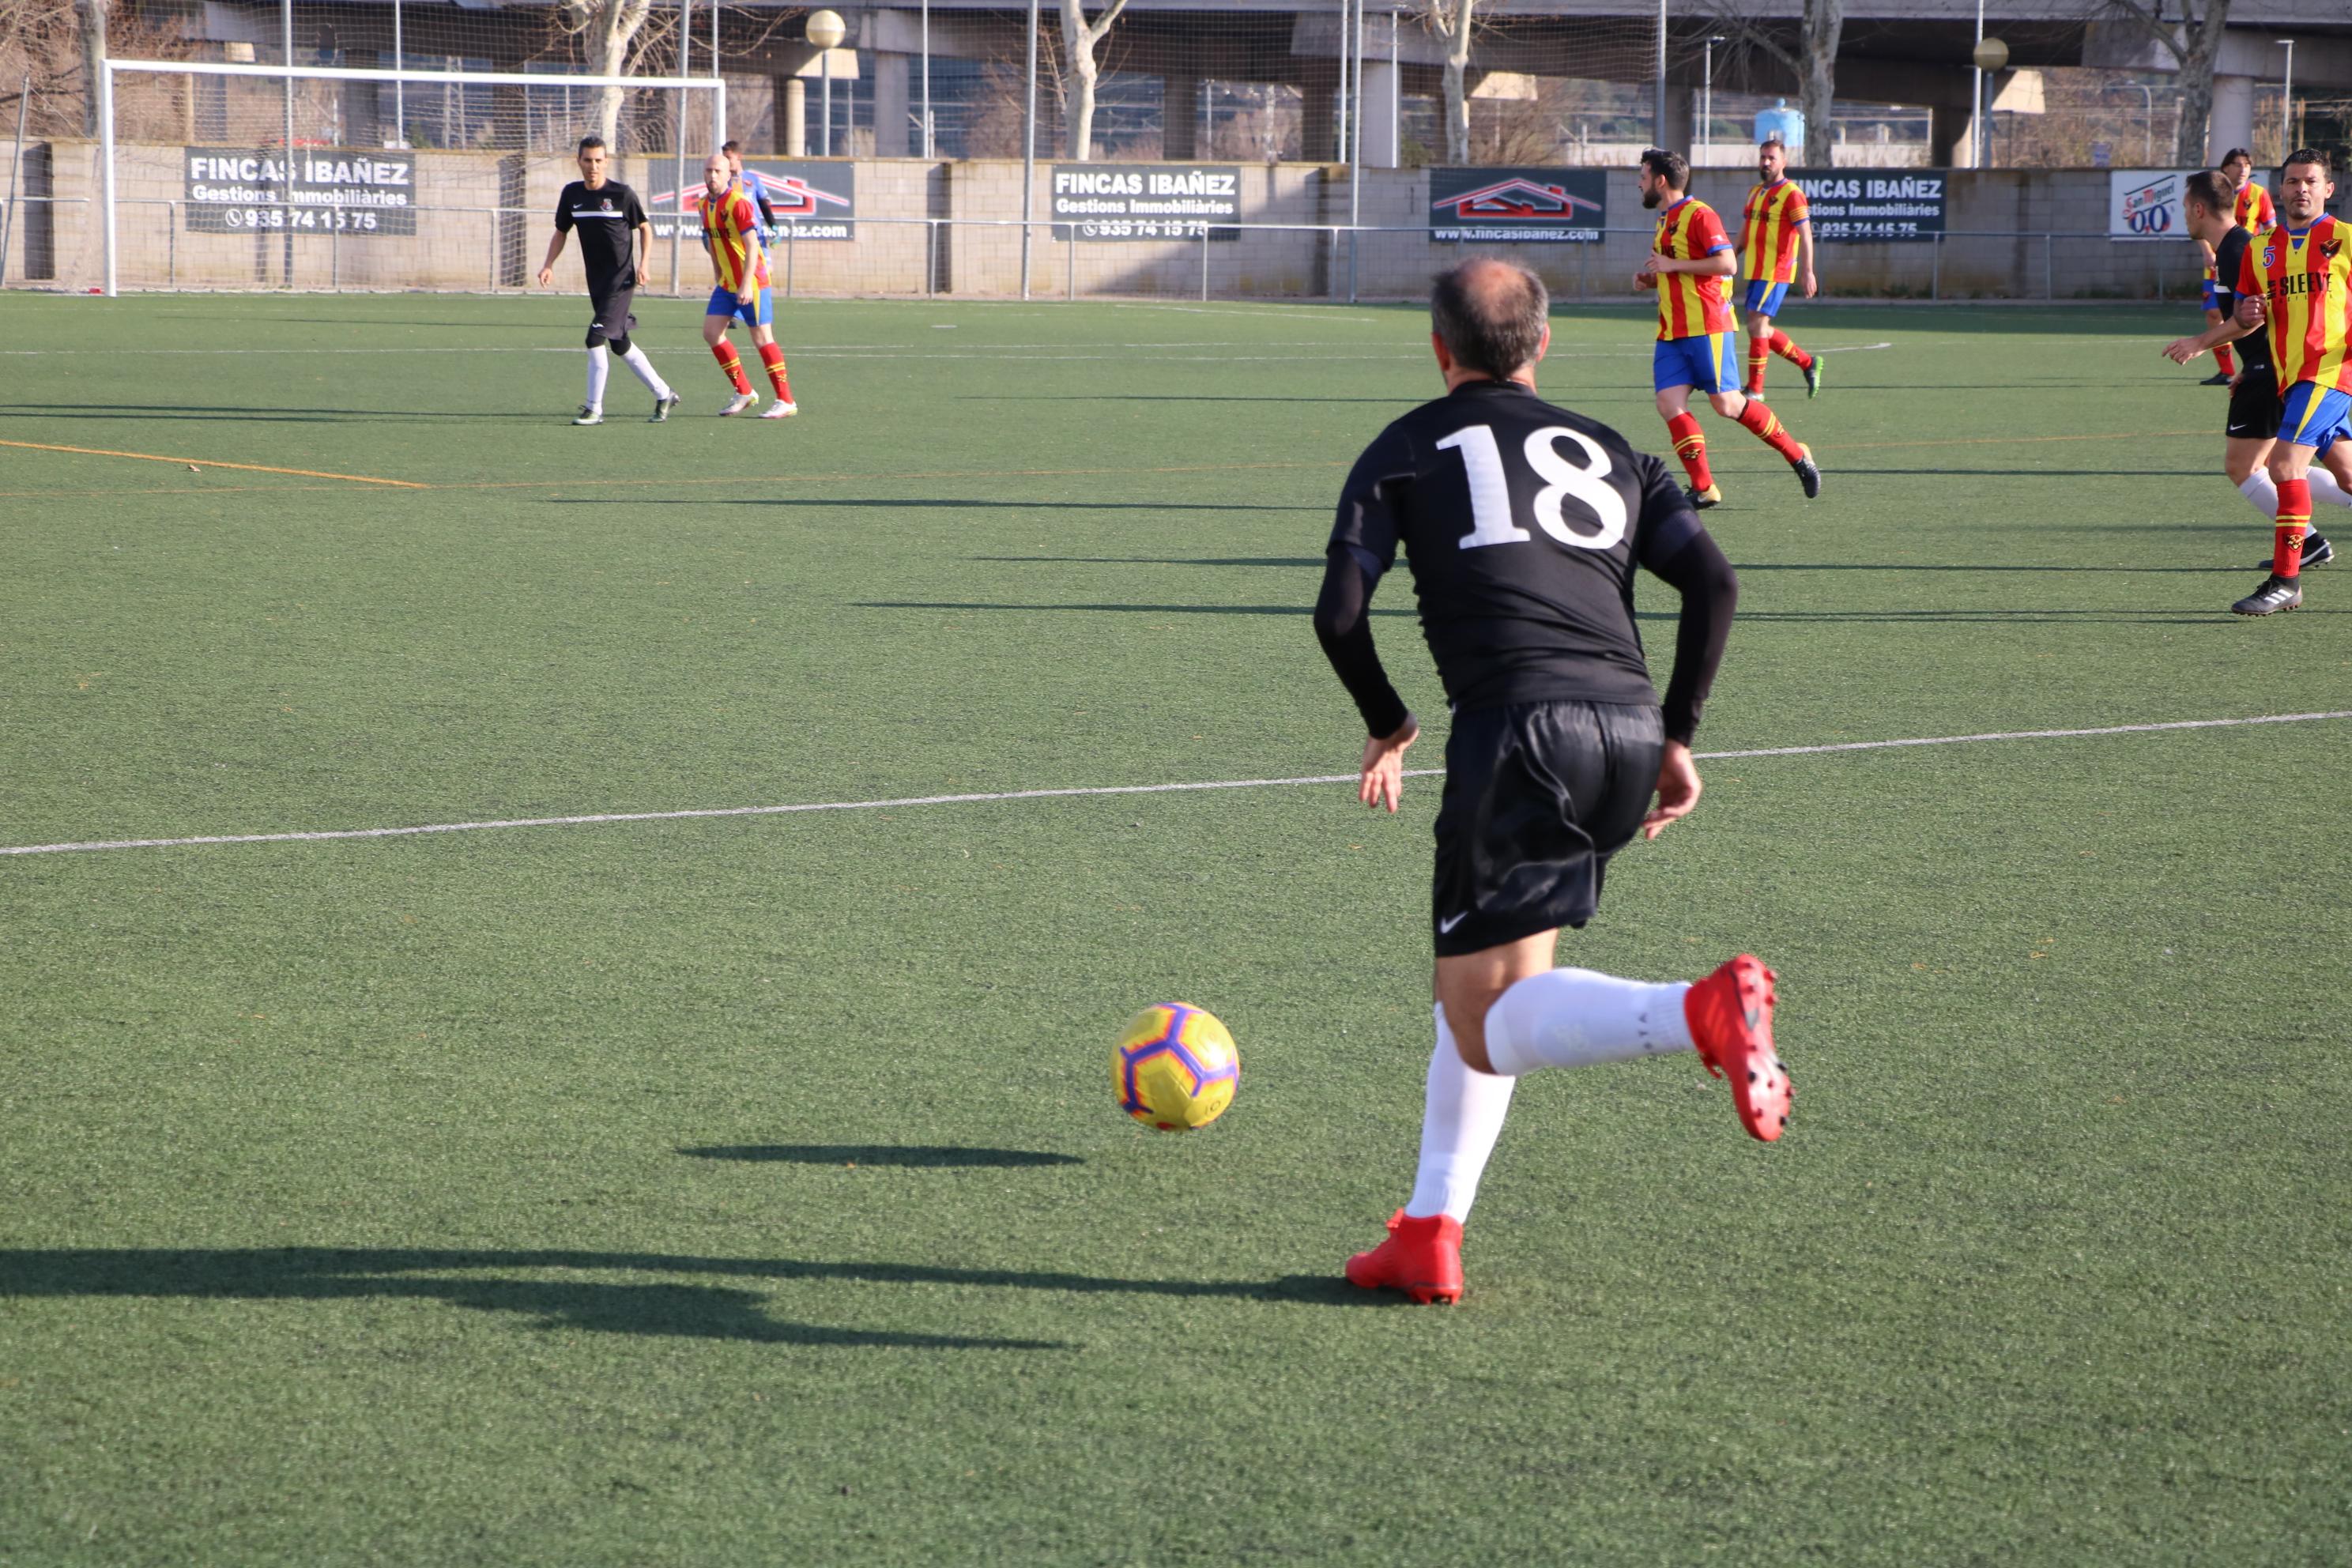 El CD Viejas Glorias goleja l'Atlètic Masnou (5-0)